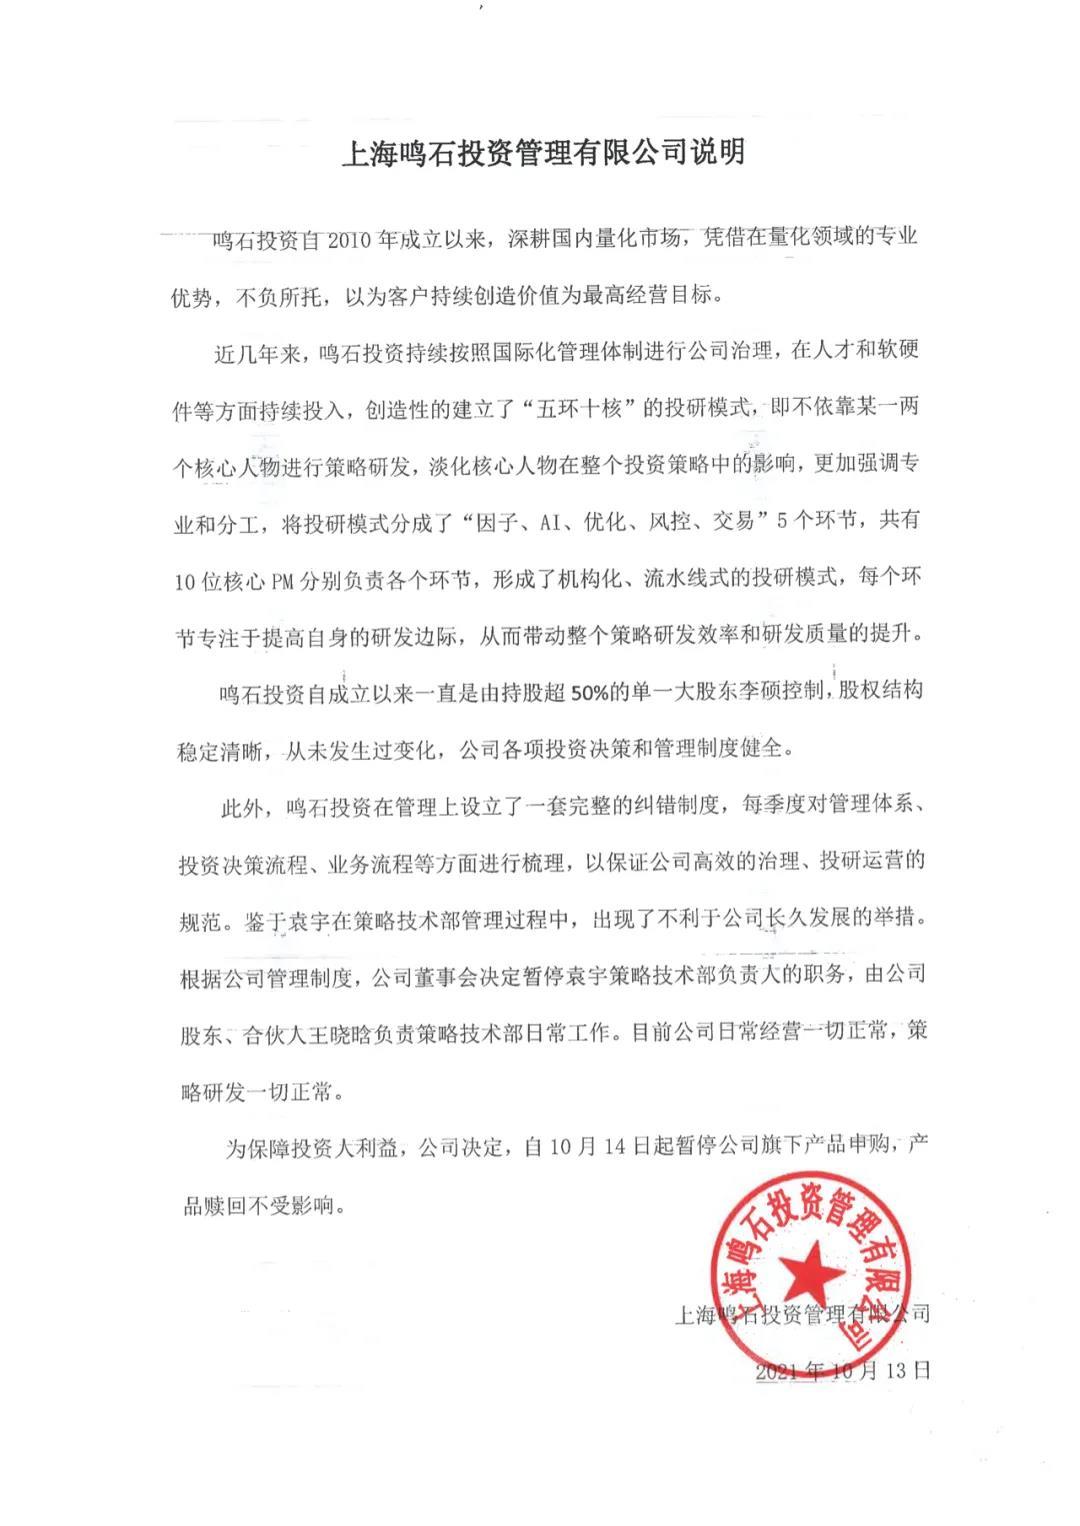 公司陷控制权纠纷?鸣石投资回应:明起暂停旗下产品申购